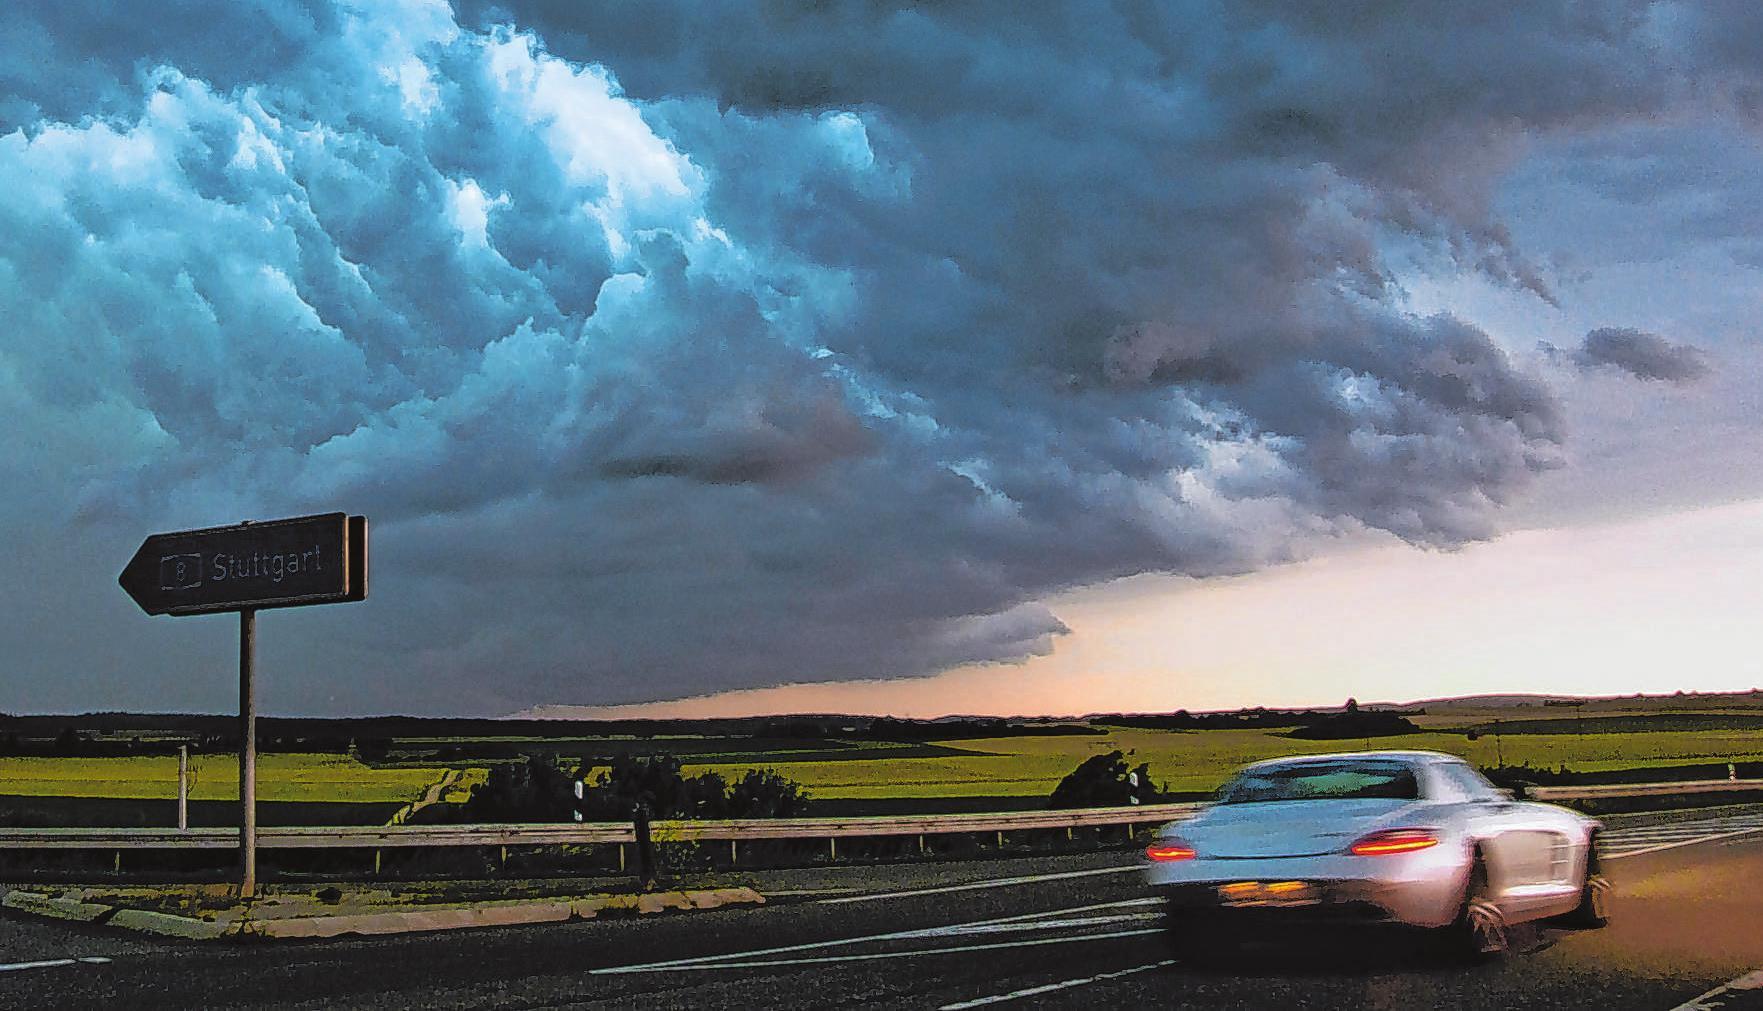 Bei Unwetter mit starken Windböen ist im Auto äußerste Vorsicht geboten. Foto: SturmjaegerTobi/pixabay.com/mid/ak